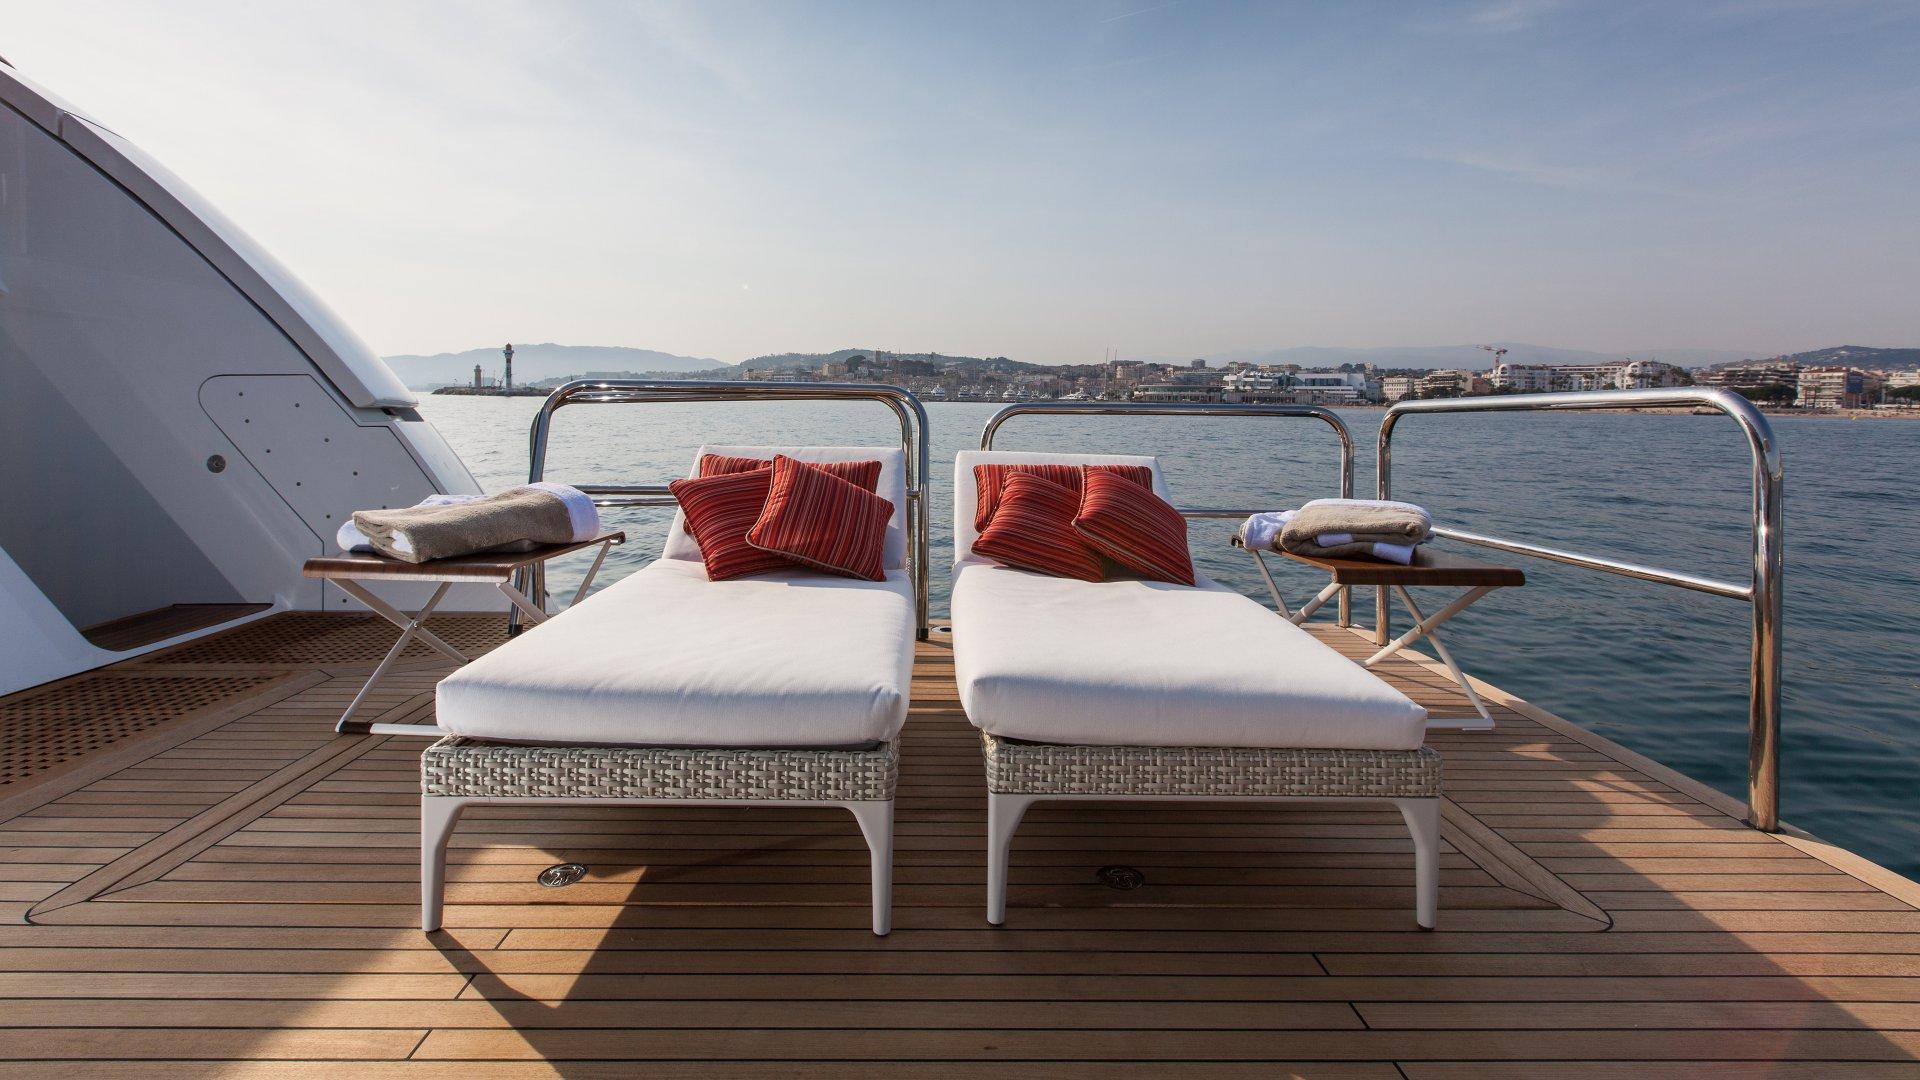 Yacht Pride sunbathing